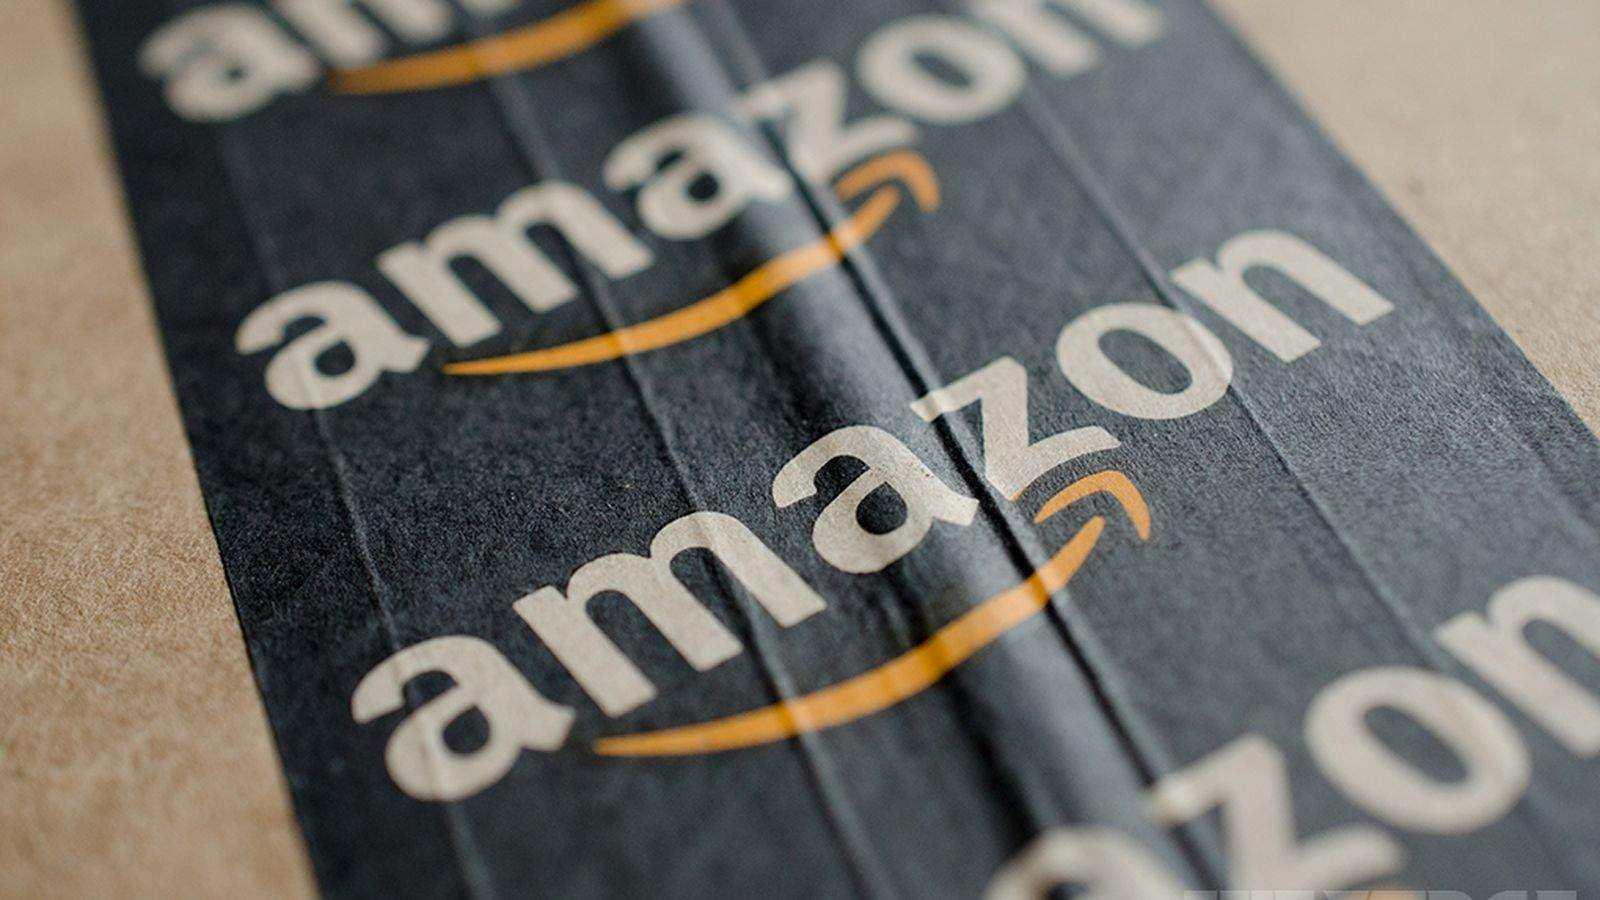 收购图森未来失败,亚马逊的下一个目标是谁?